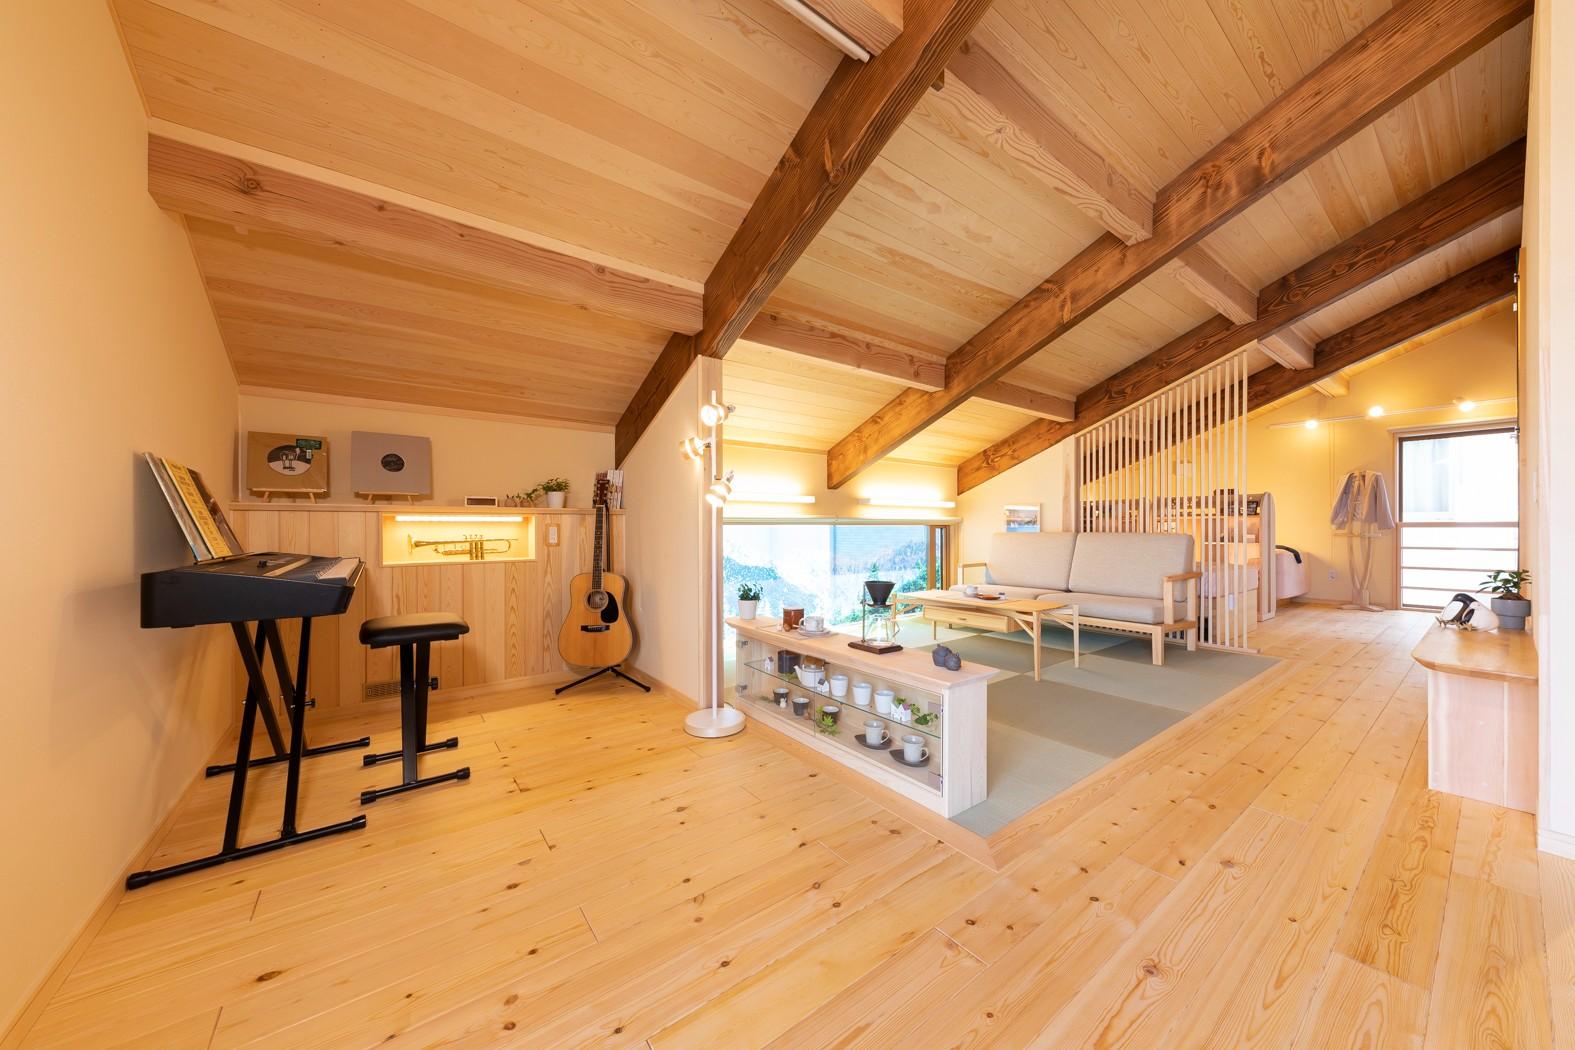 「本物の無垢材」伝統工法を進化させた木組みの住まい。